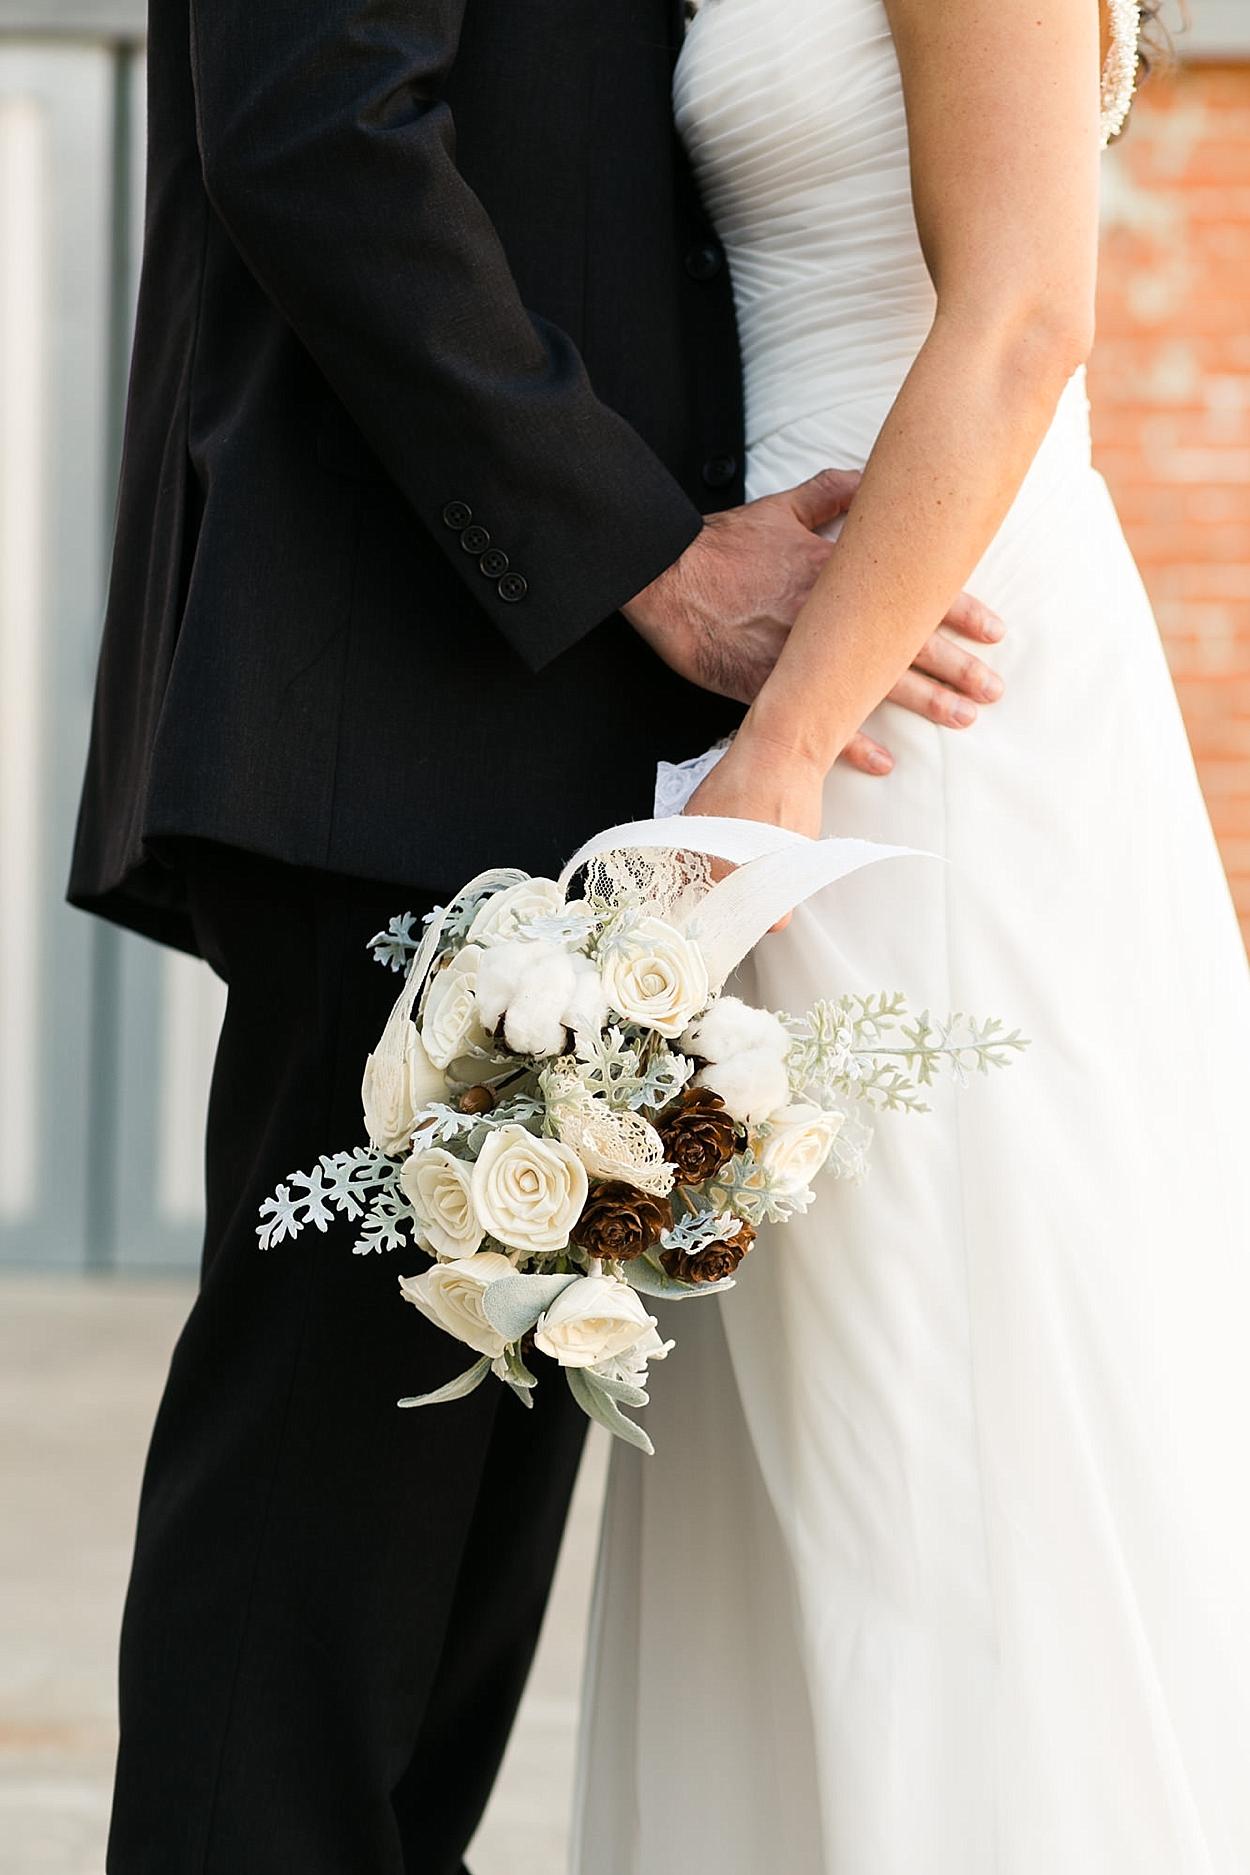 lofty-spaces-wedding-dallas-27.jpg